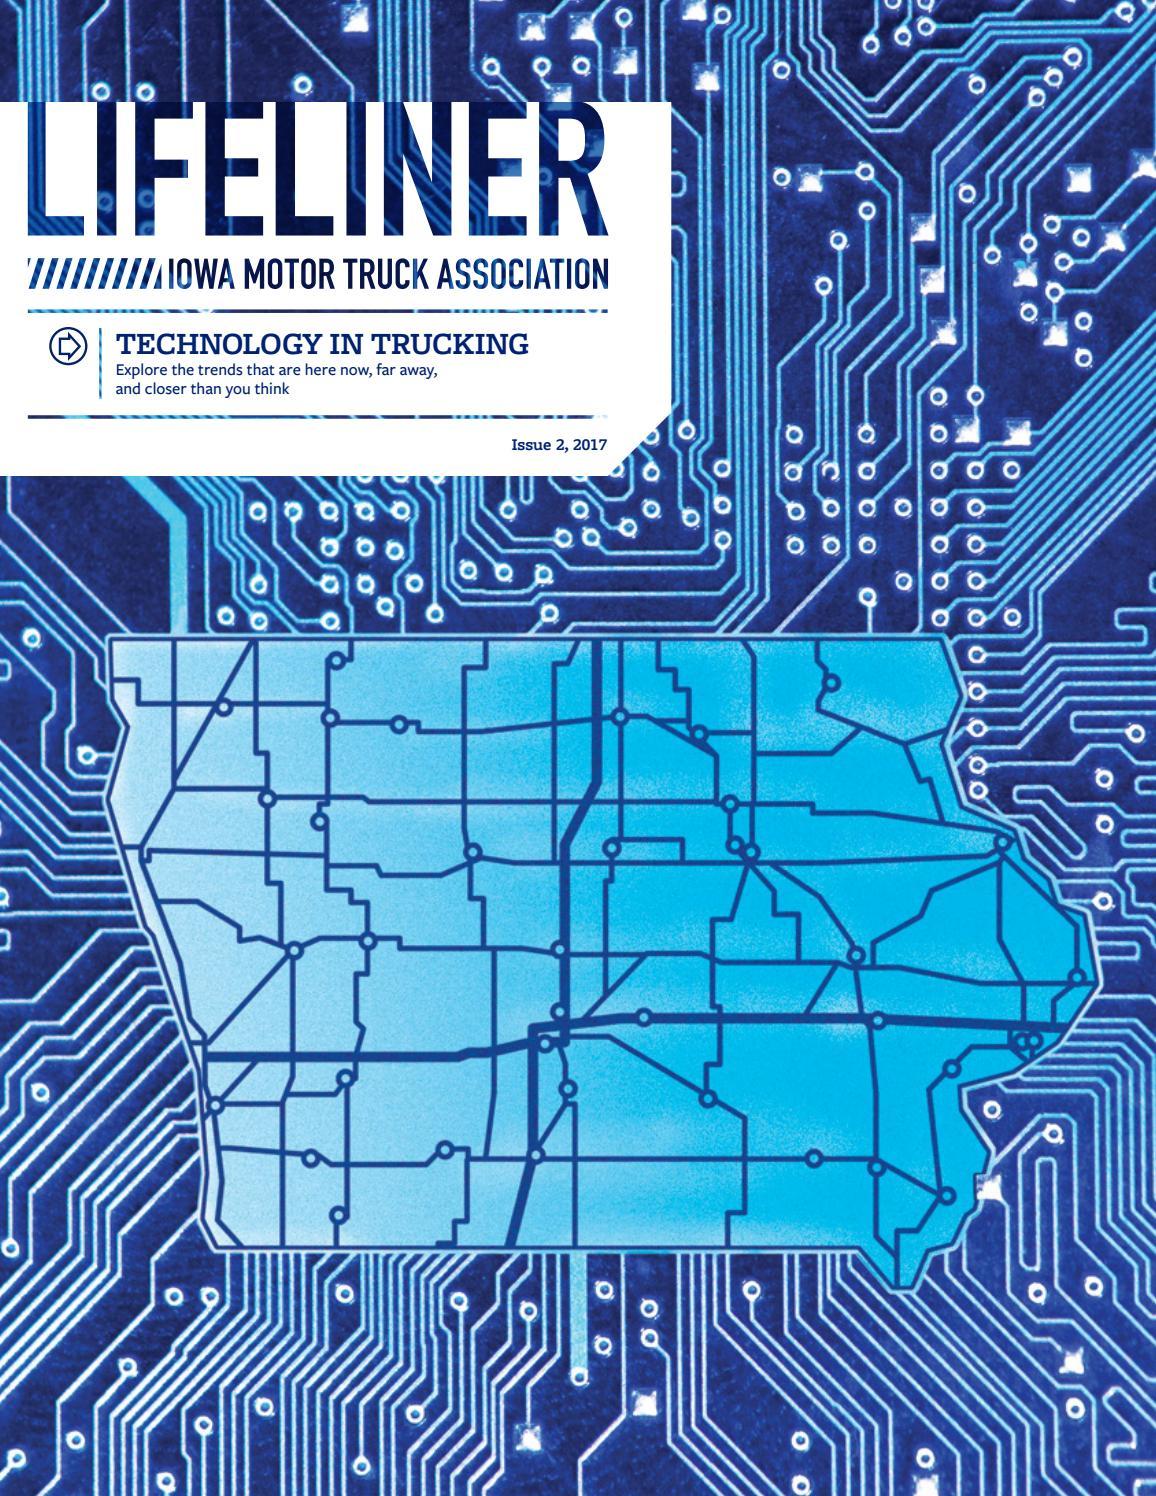 2017 Lifeliner Magazine (Issue 2) by Iowa Motor Truck